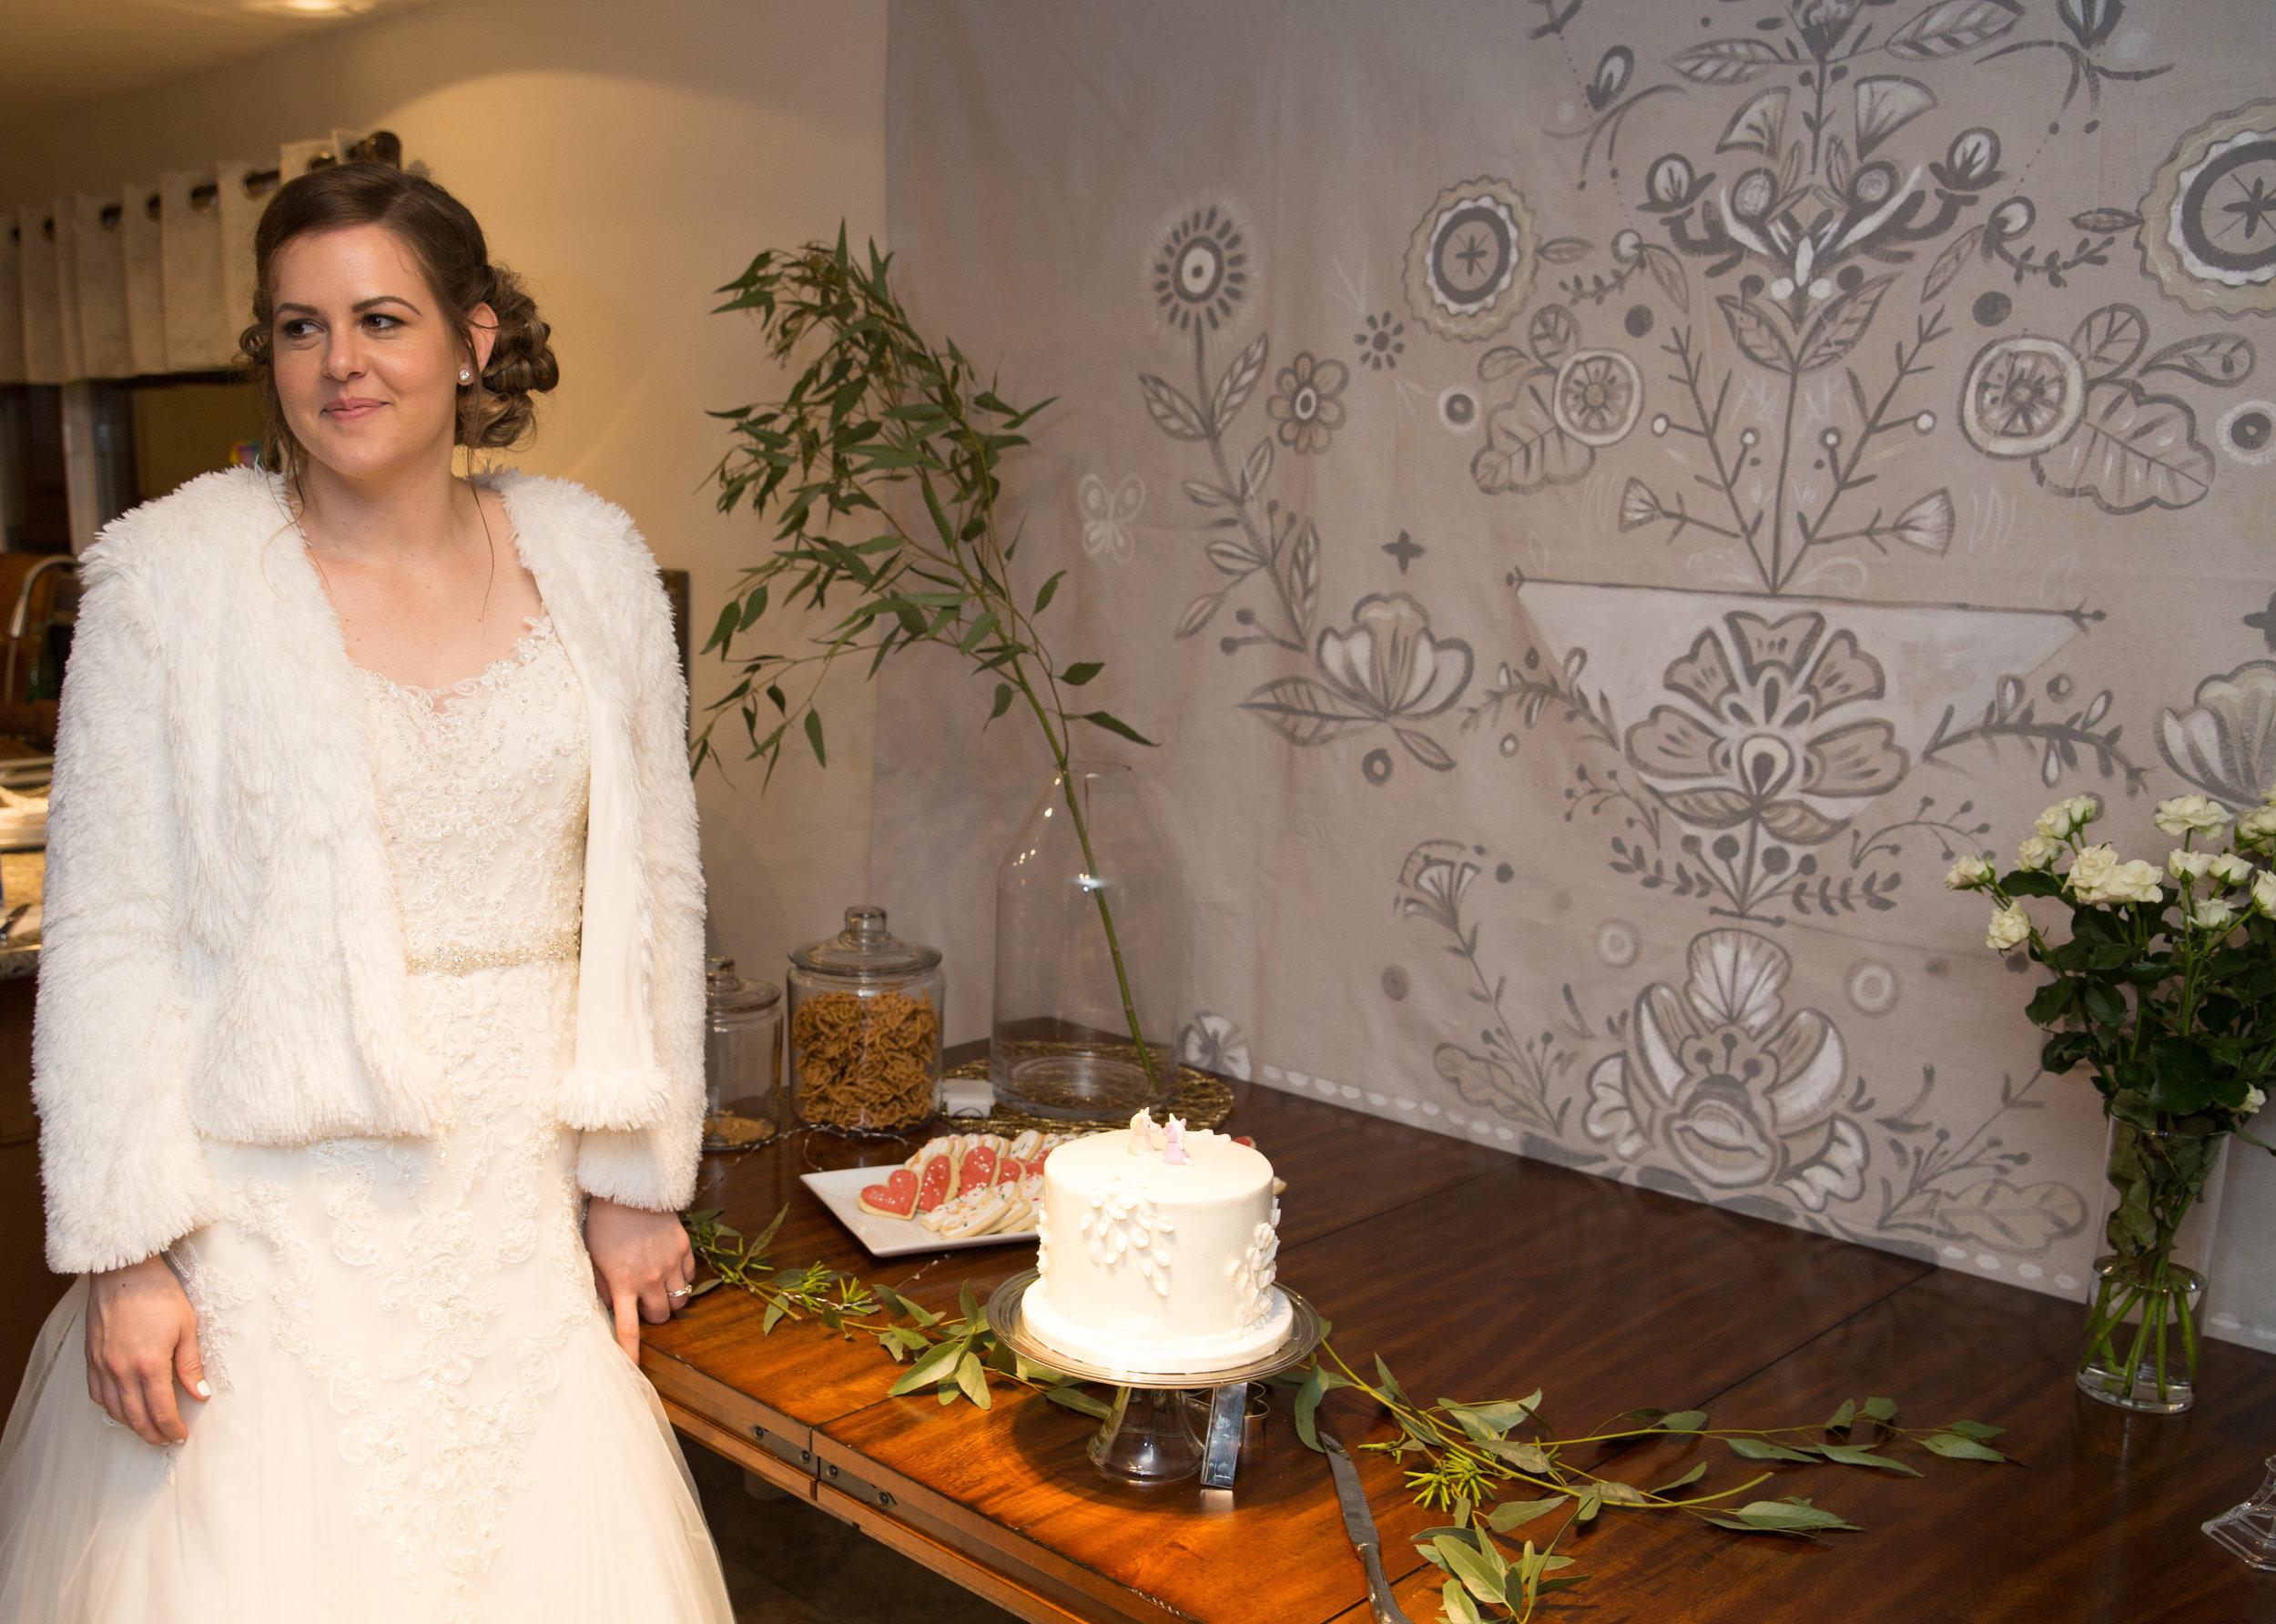 MeganandAaron_wedding2017_backdrop2.jpg